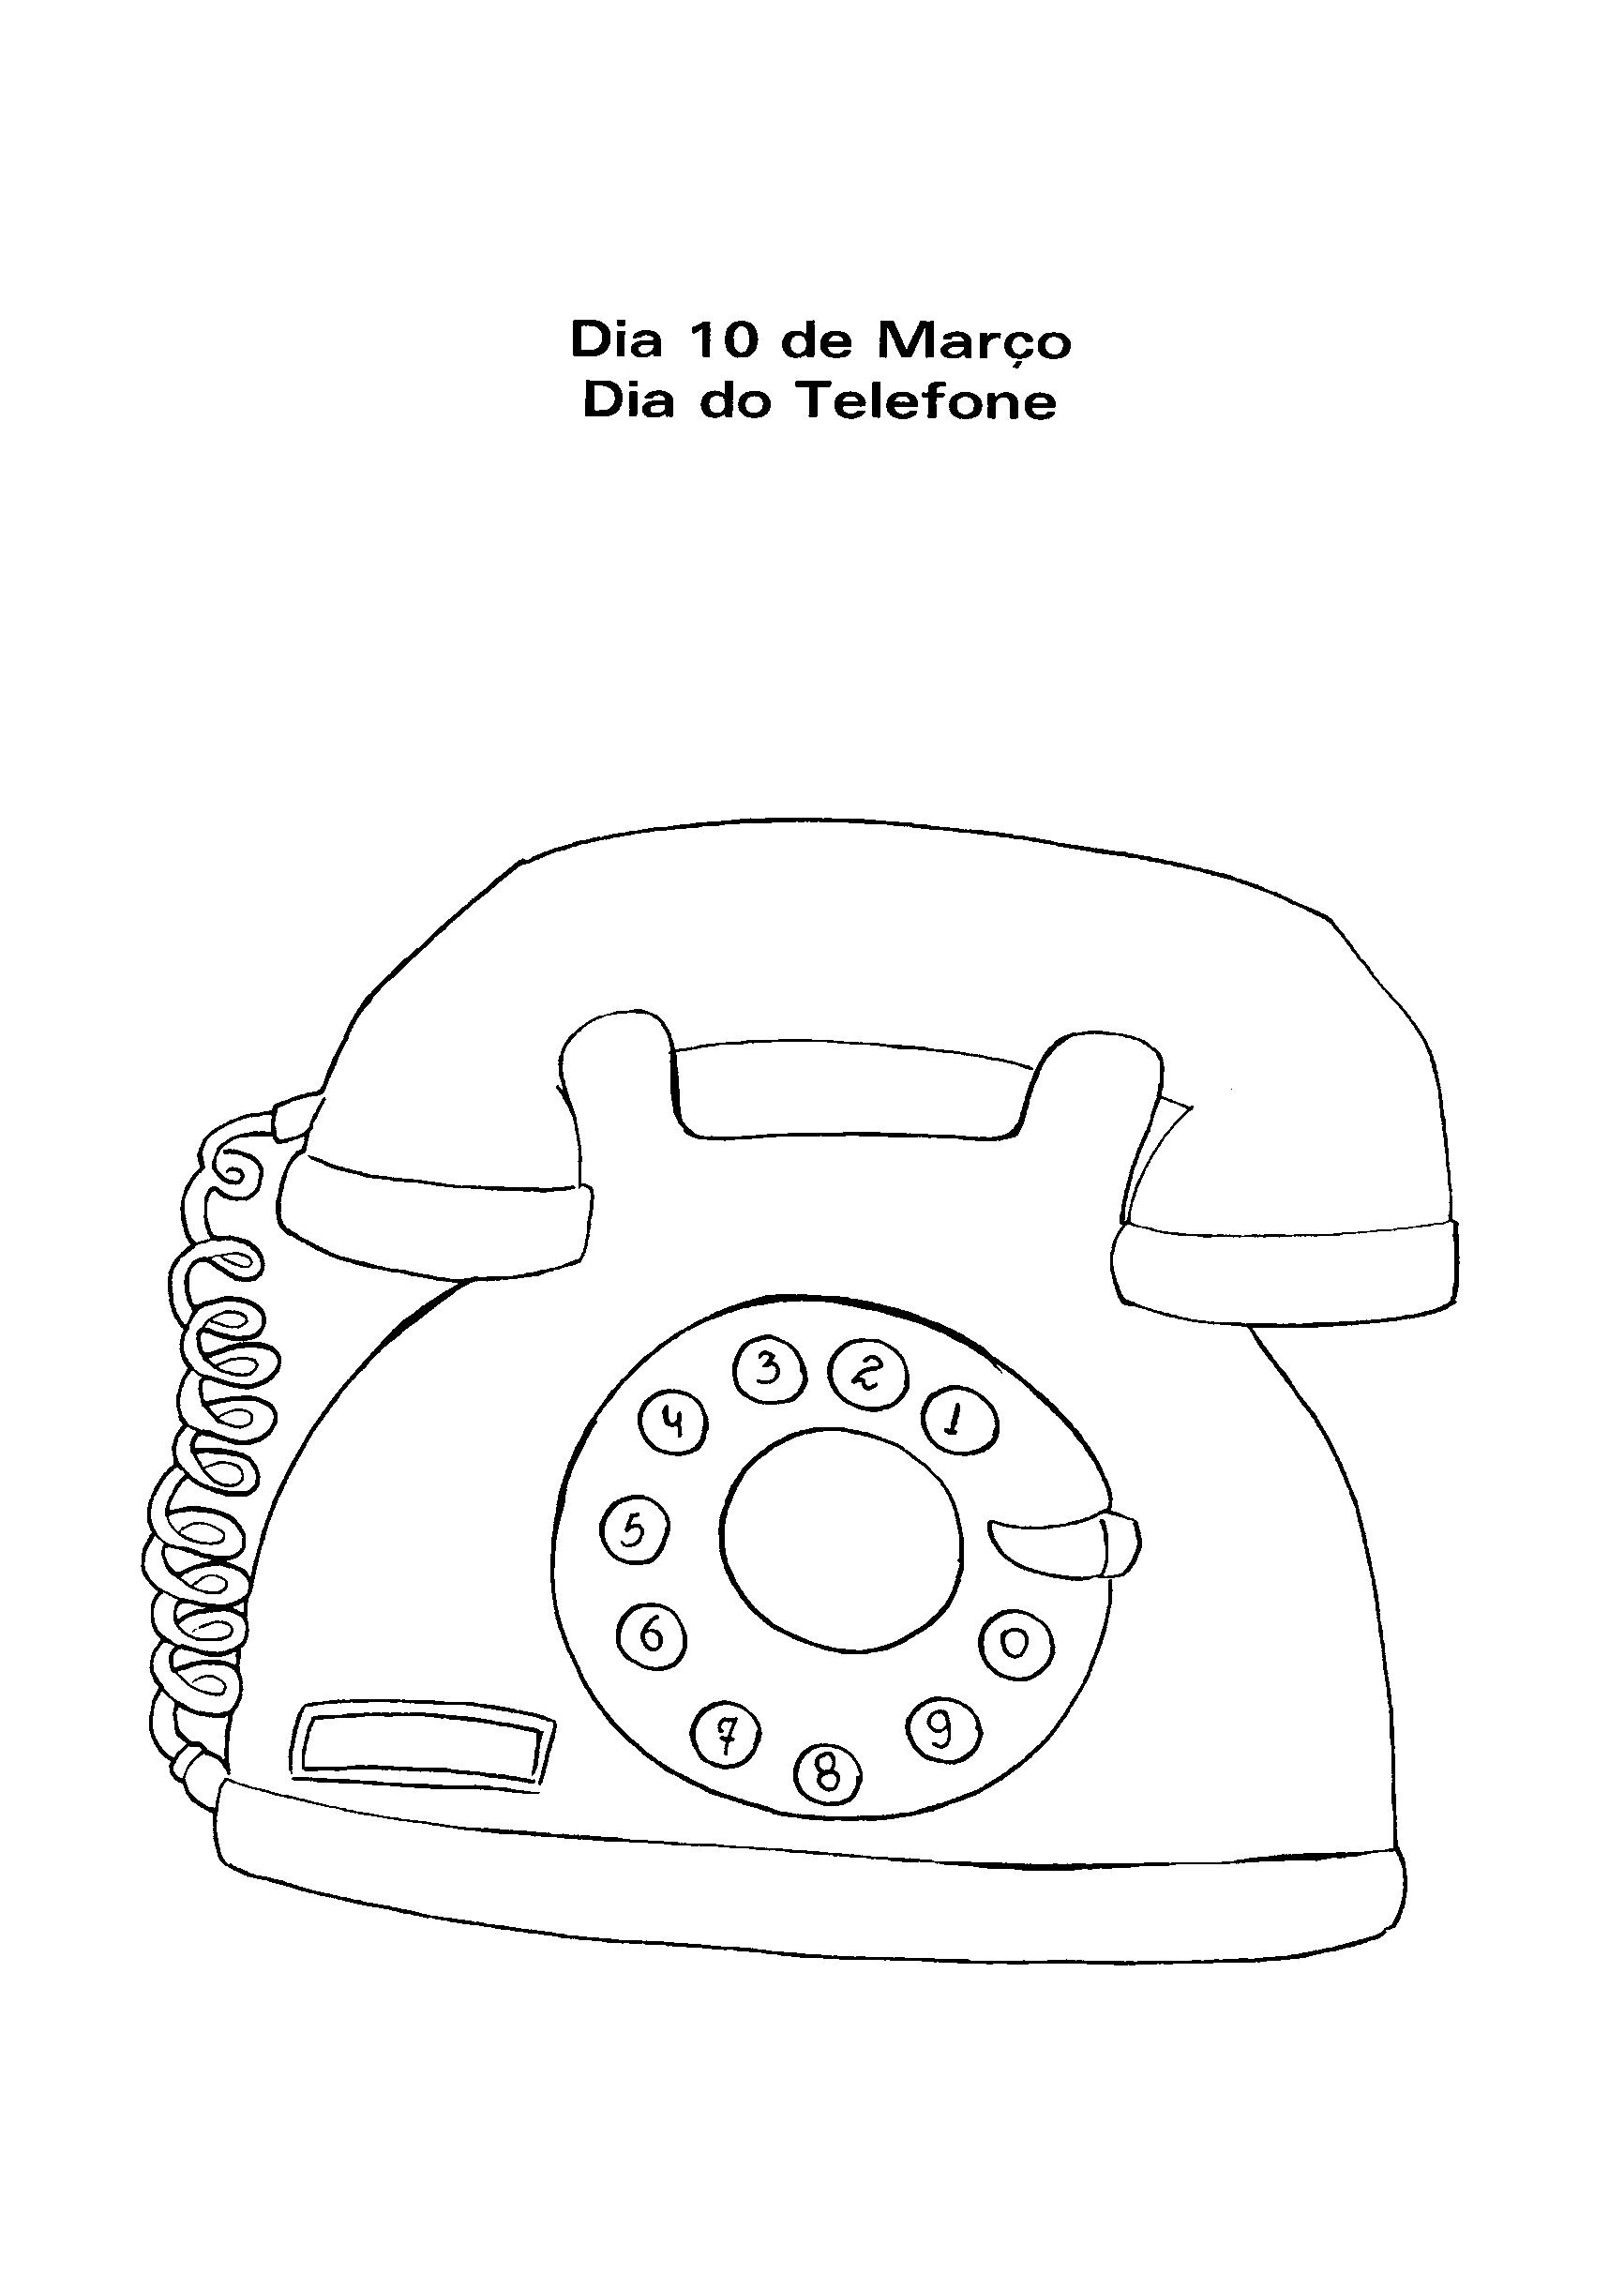 desenho-datas-marco-telefone